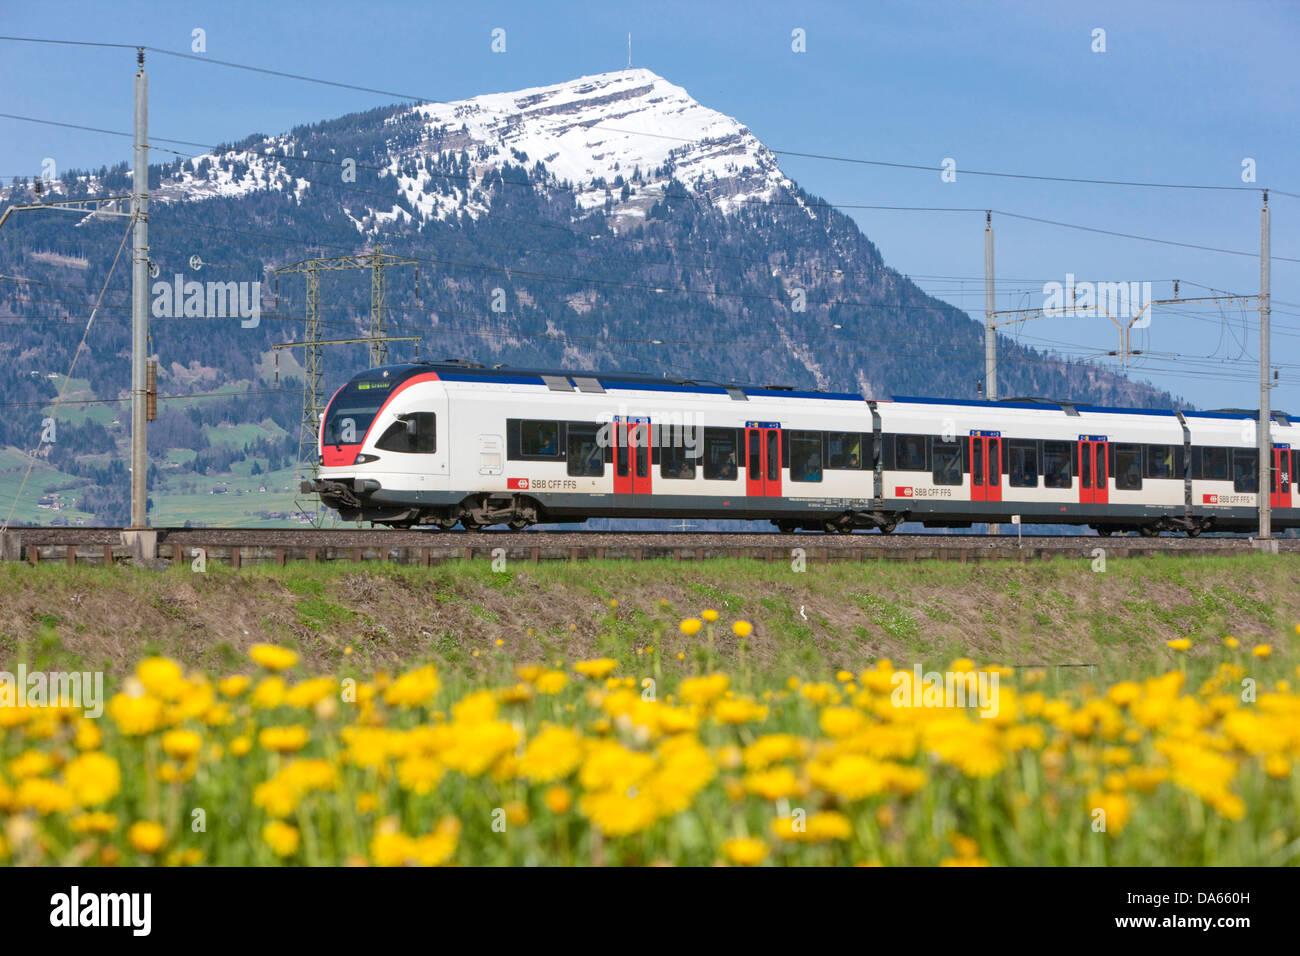 Regional Bahn, Rigi, Straße, Bahn, Zug, Eisenbahn, Berg, Berge, Blume, Blumen, Kanton Schwyz, SZ, zentrale Stockbild